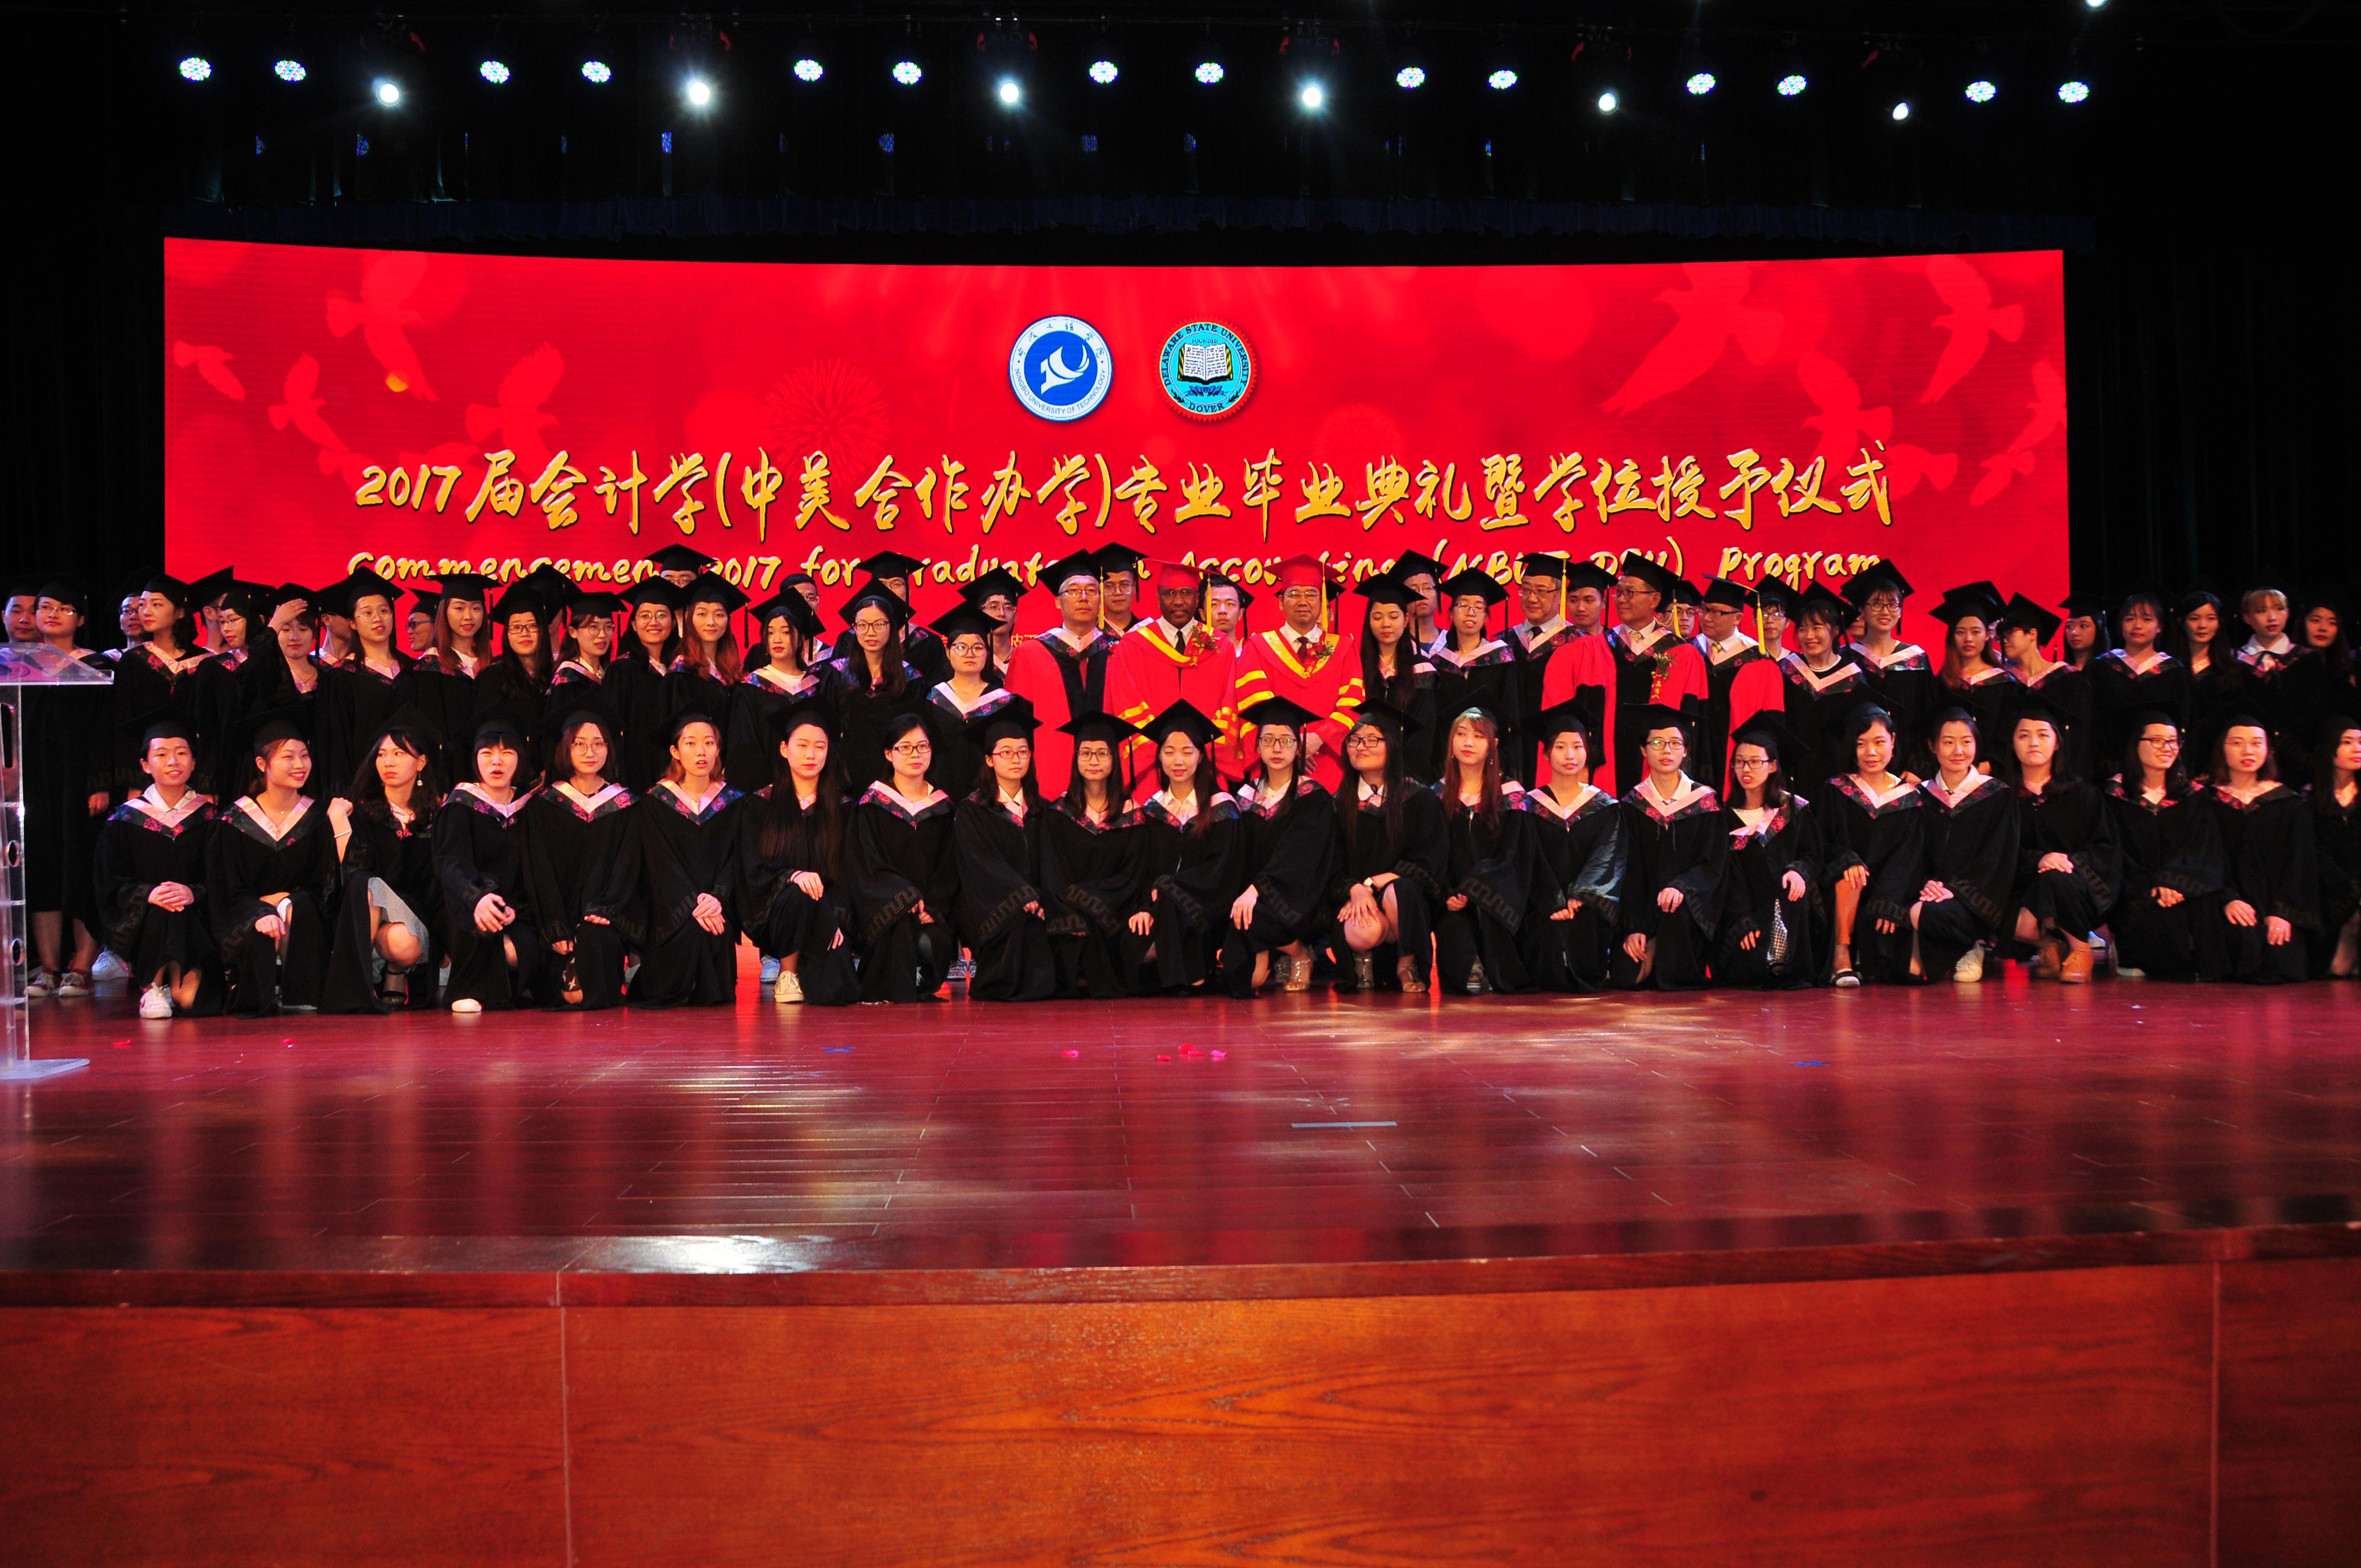 DSU-NBUT Class of 2017 Graduate in China